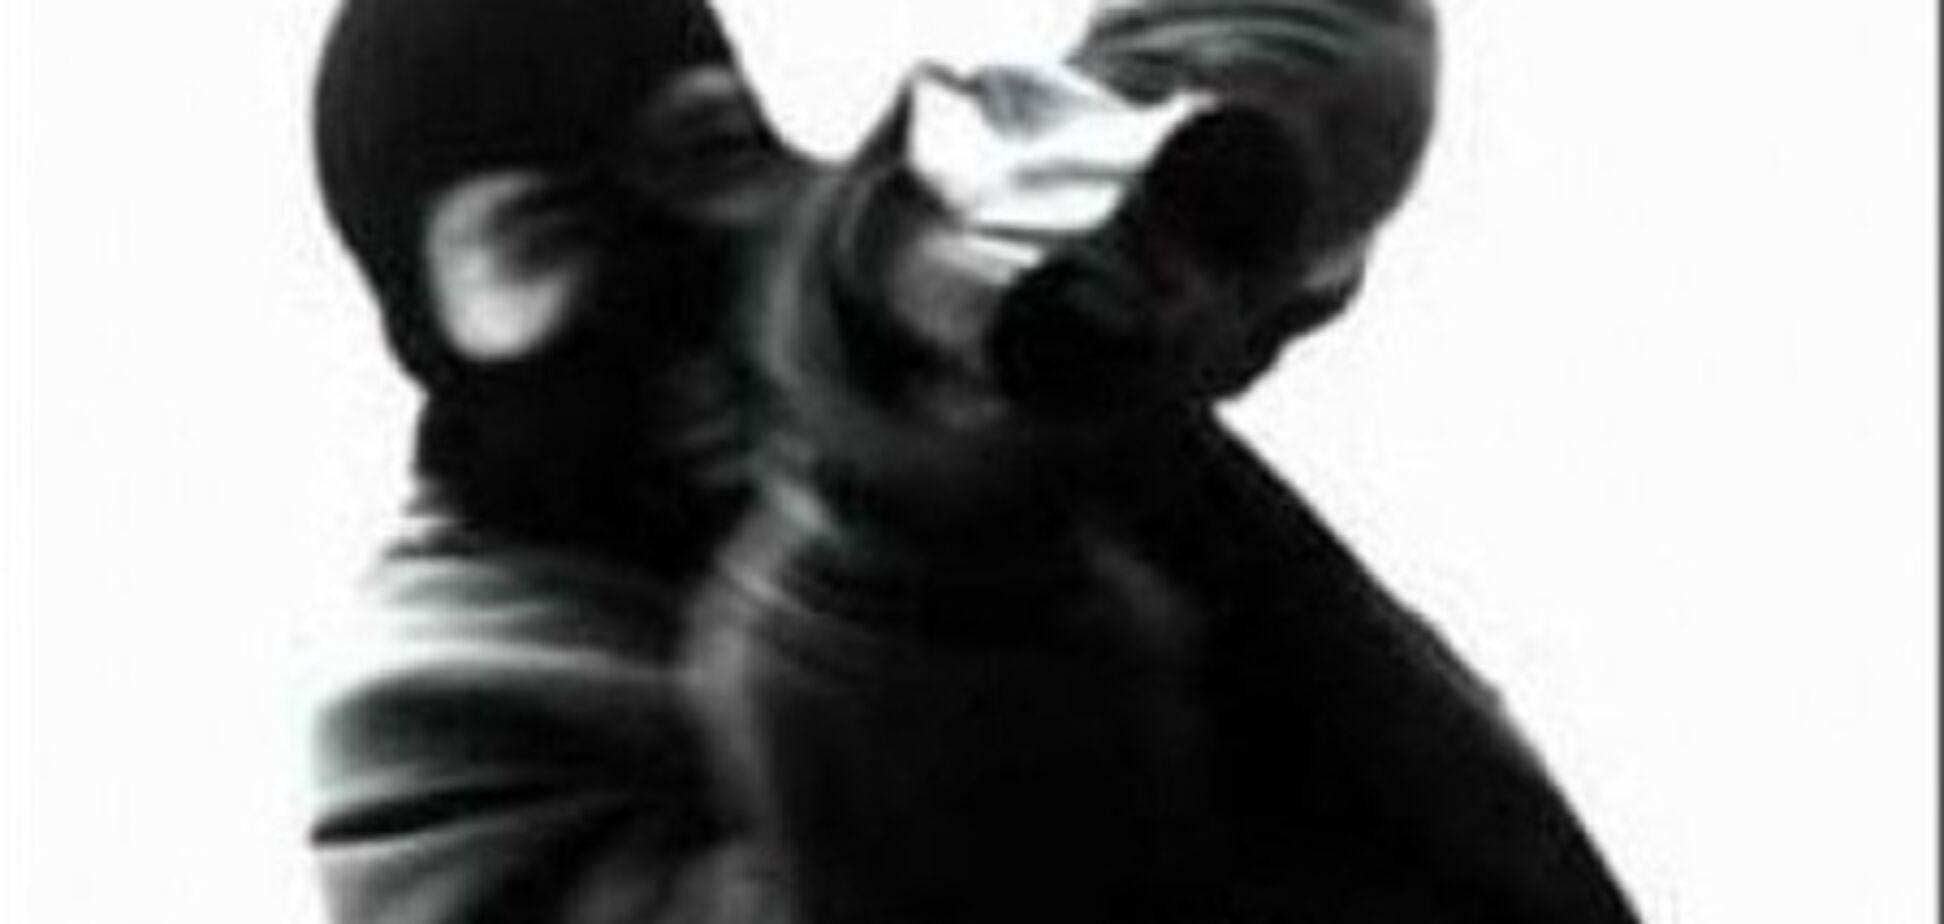 Підпал фабрики на Луганщині скоїли невідомі в масках